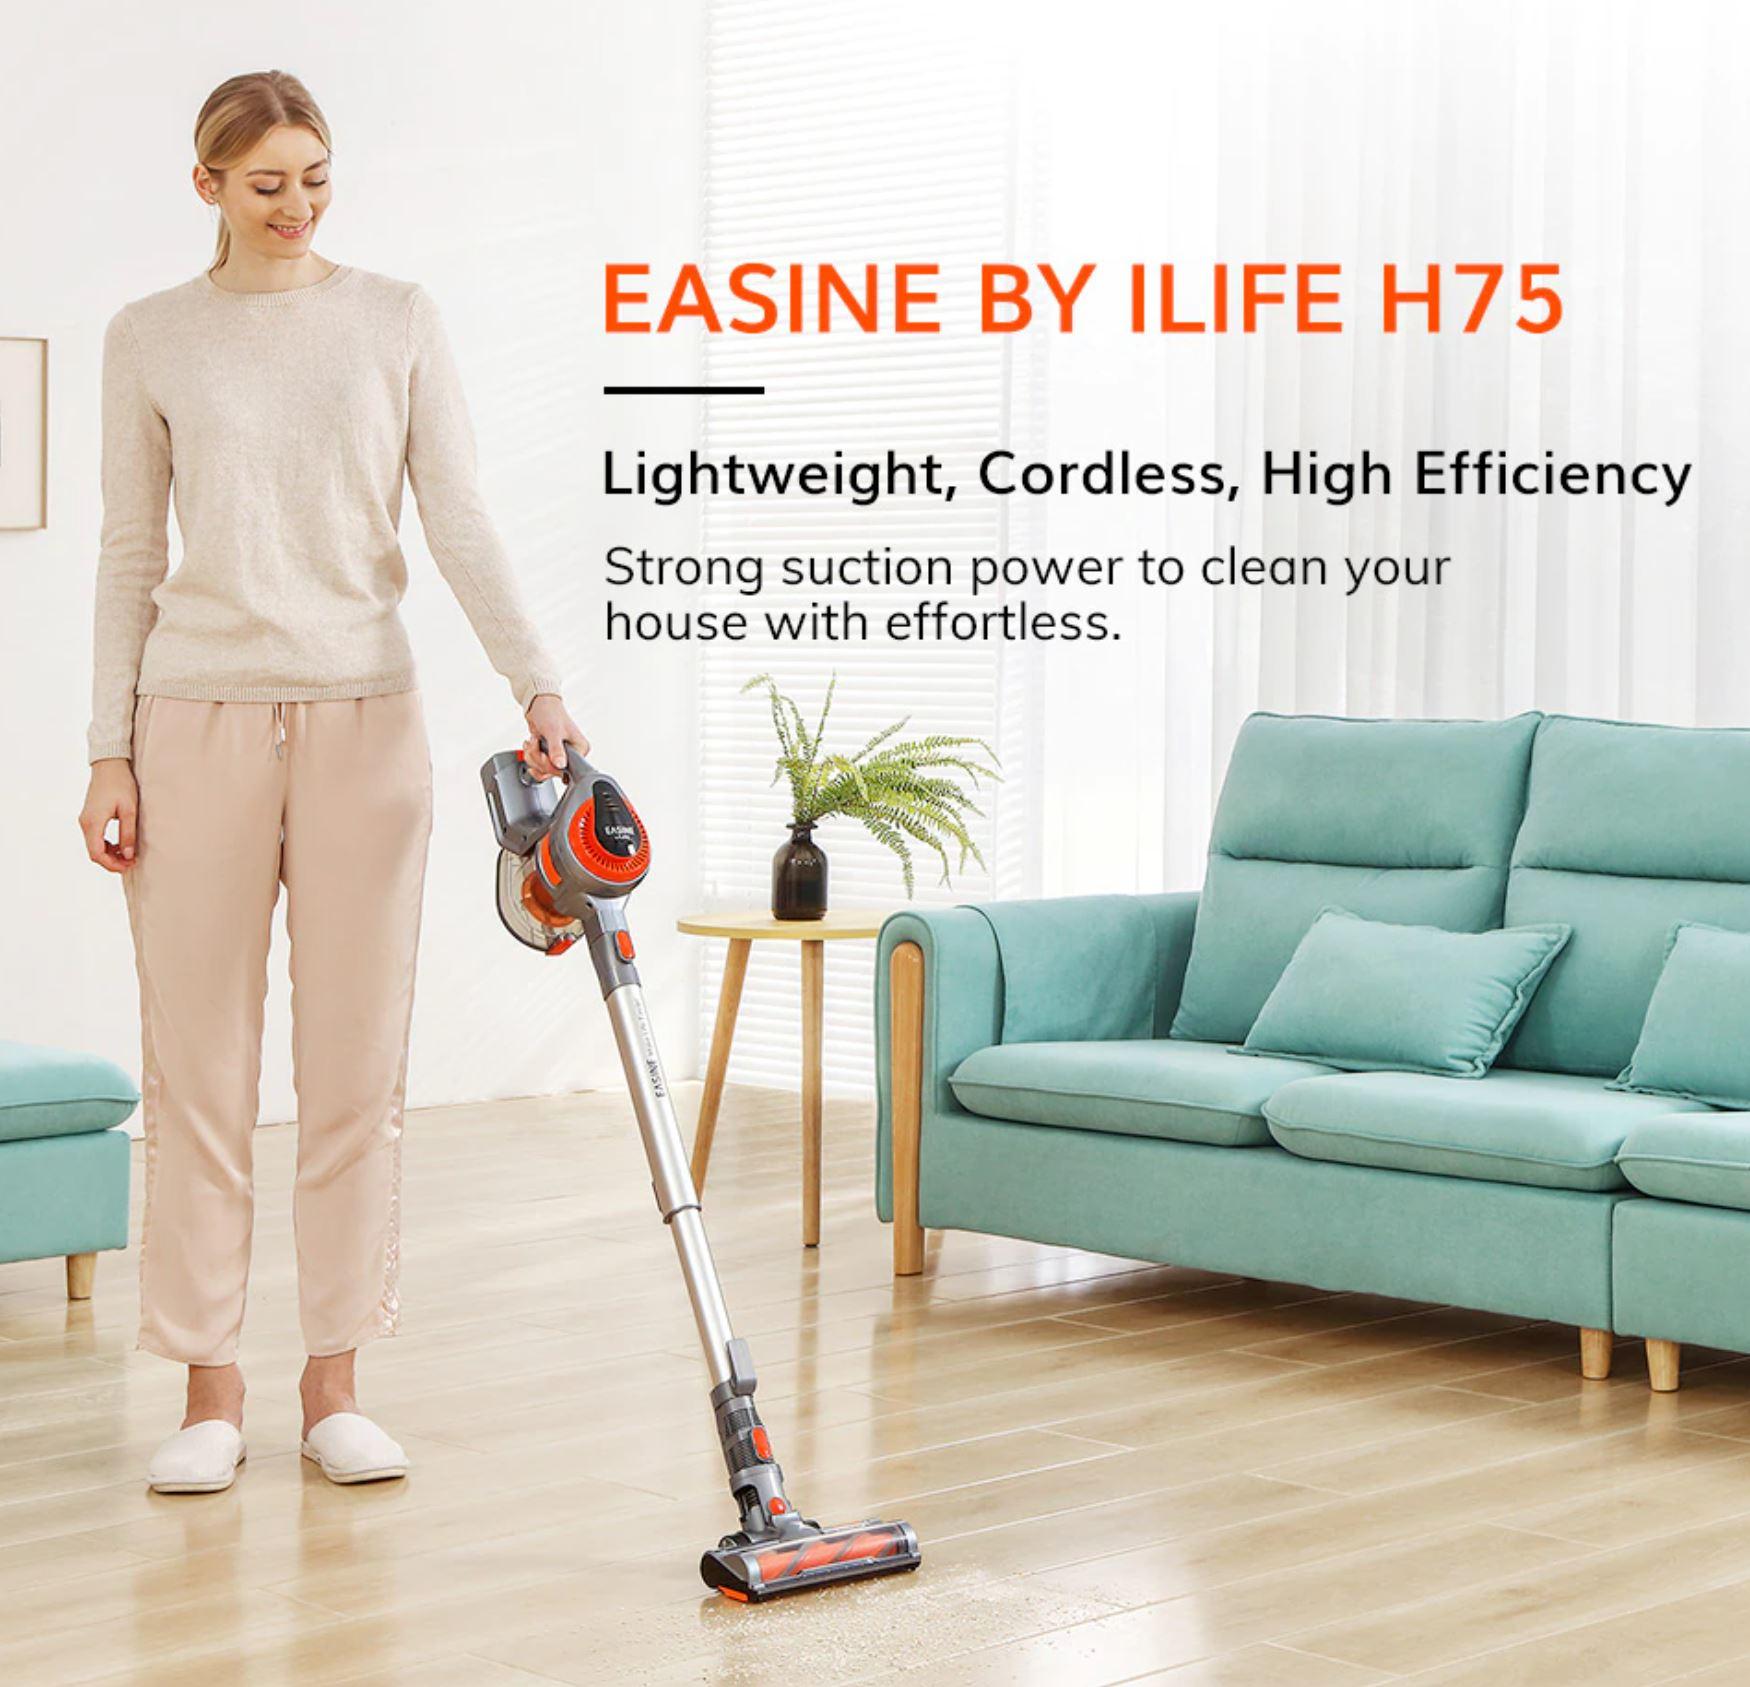 bezprzewodowy odkurzacz pionowy Easine by iLife H75